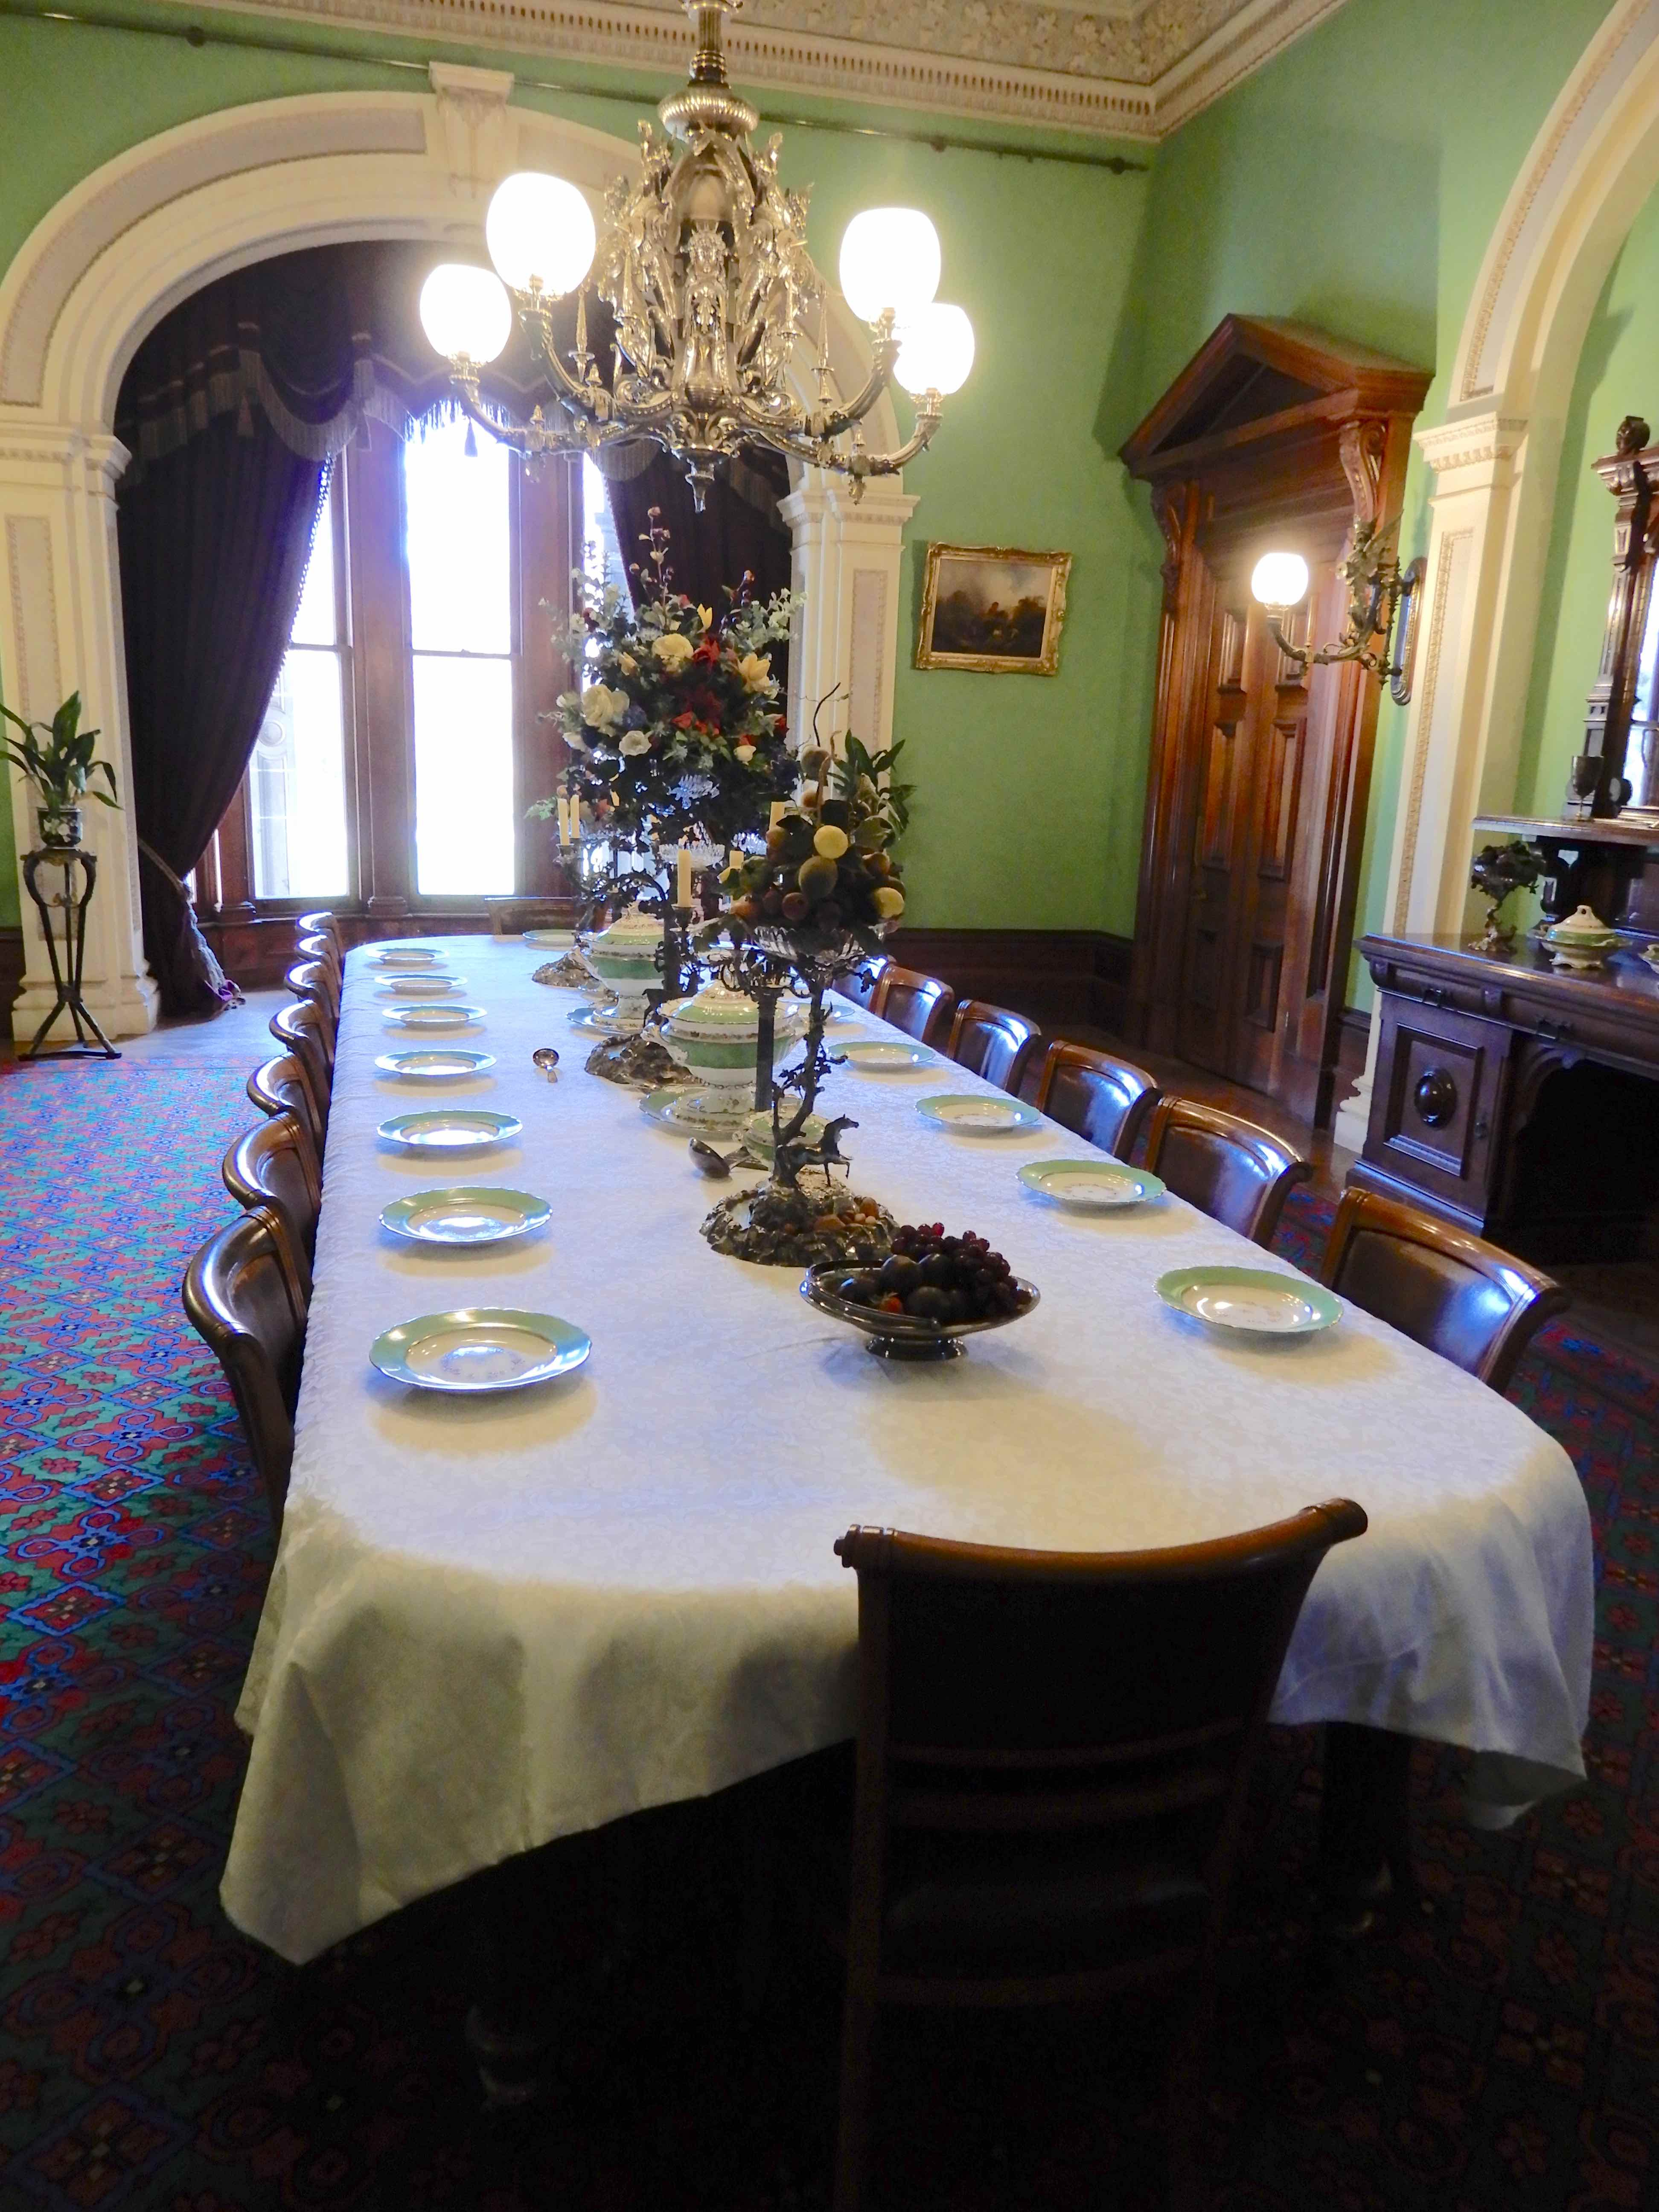 10.dining room